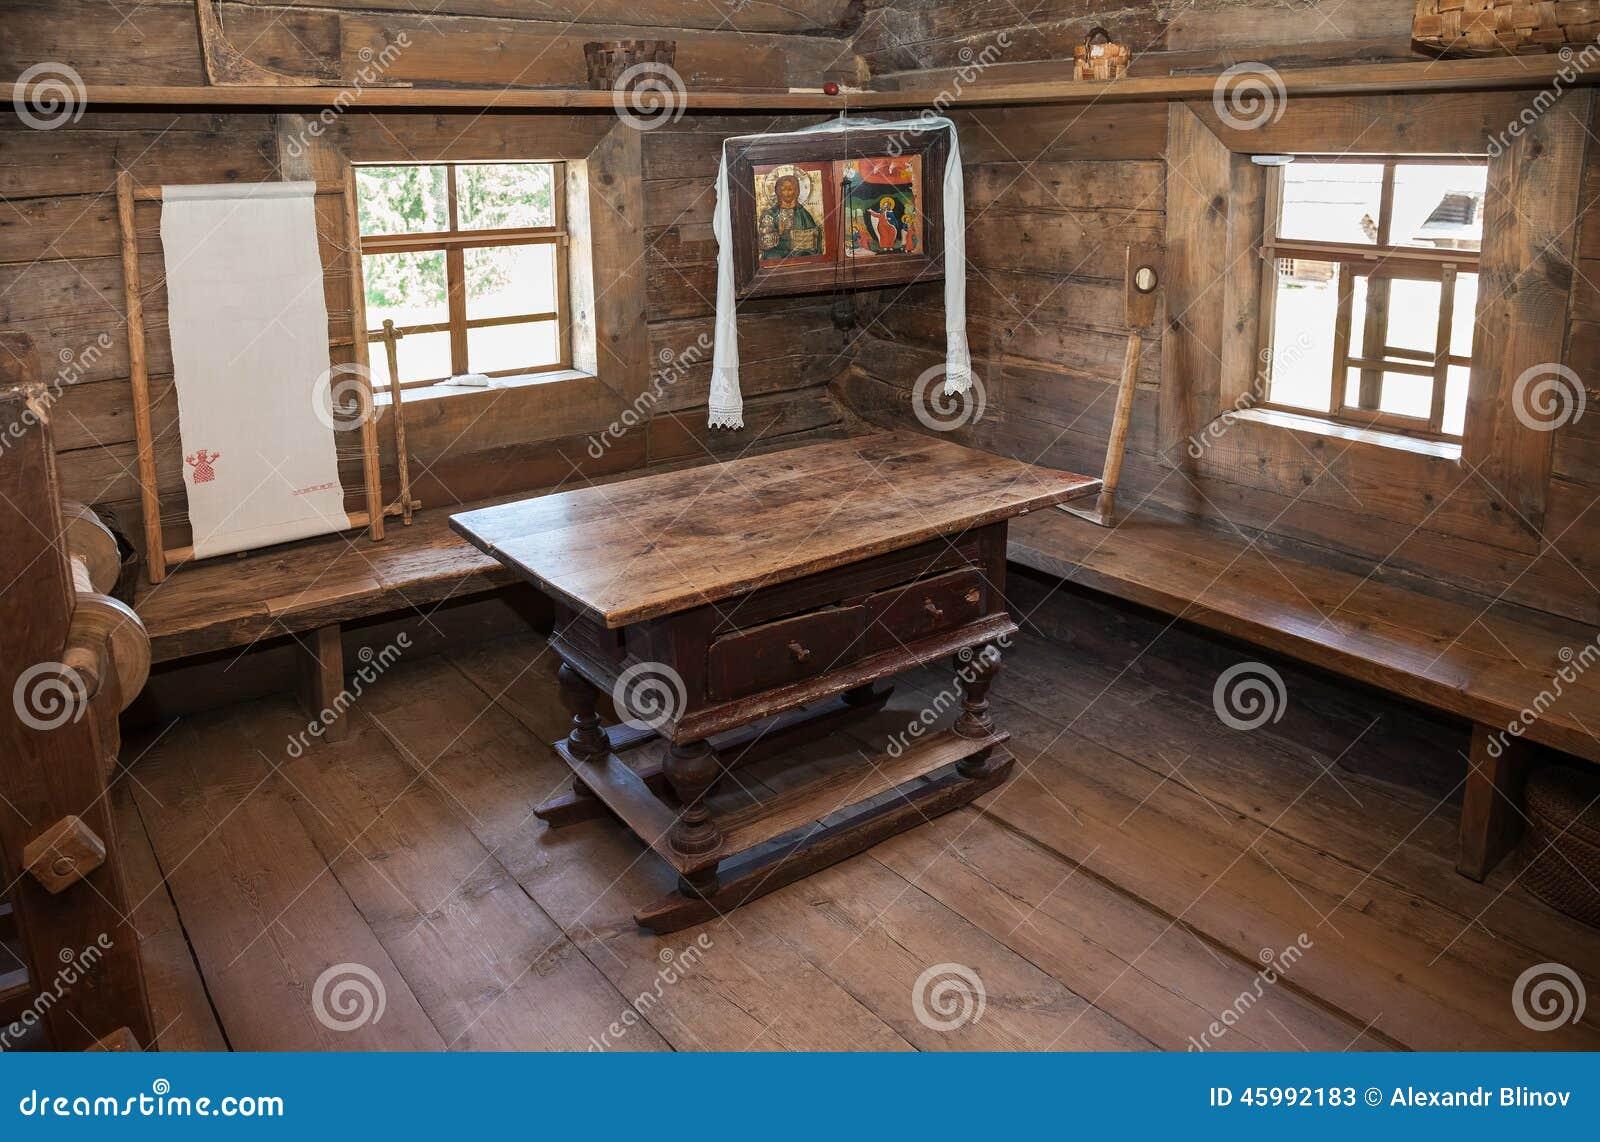 interieur maison vieille. Black Bedroom Furniture Sets. Home Design Ideas